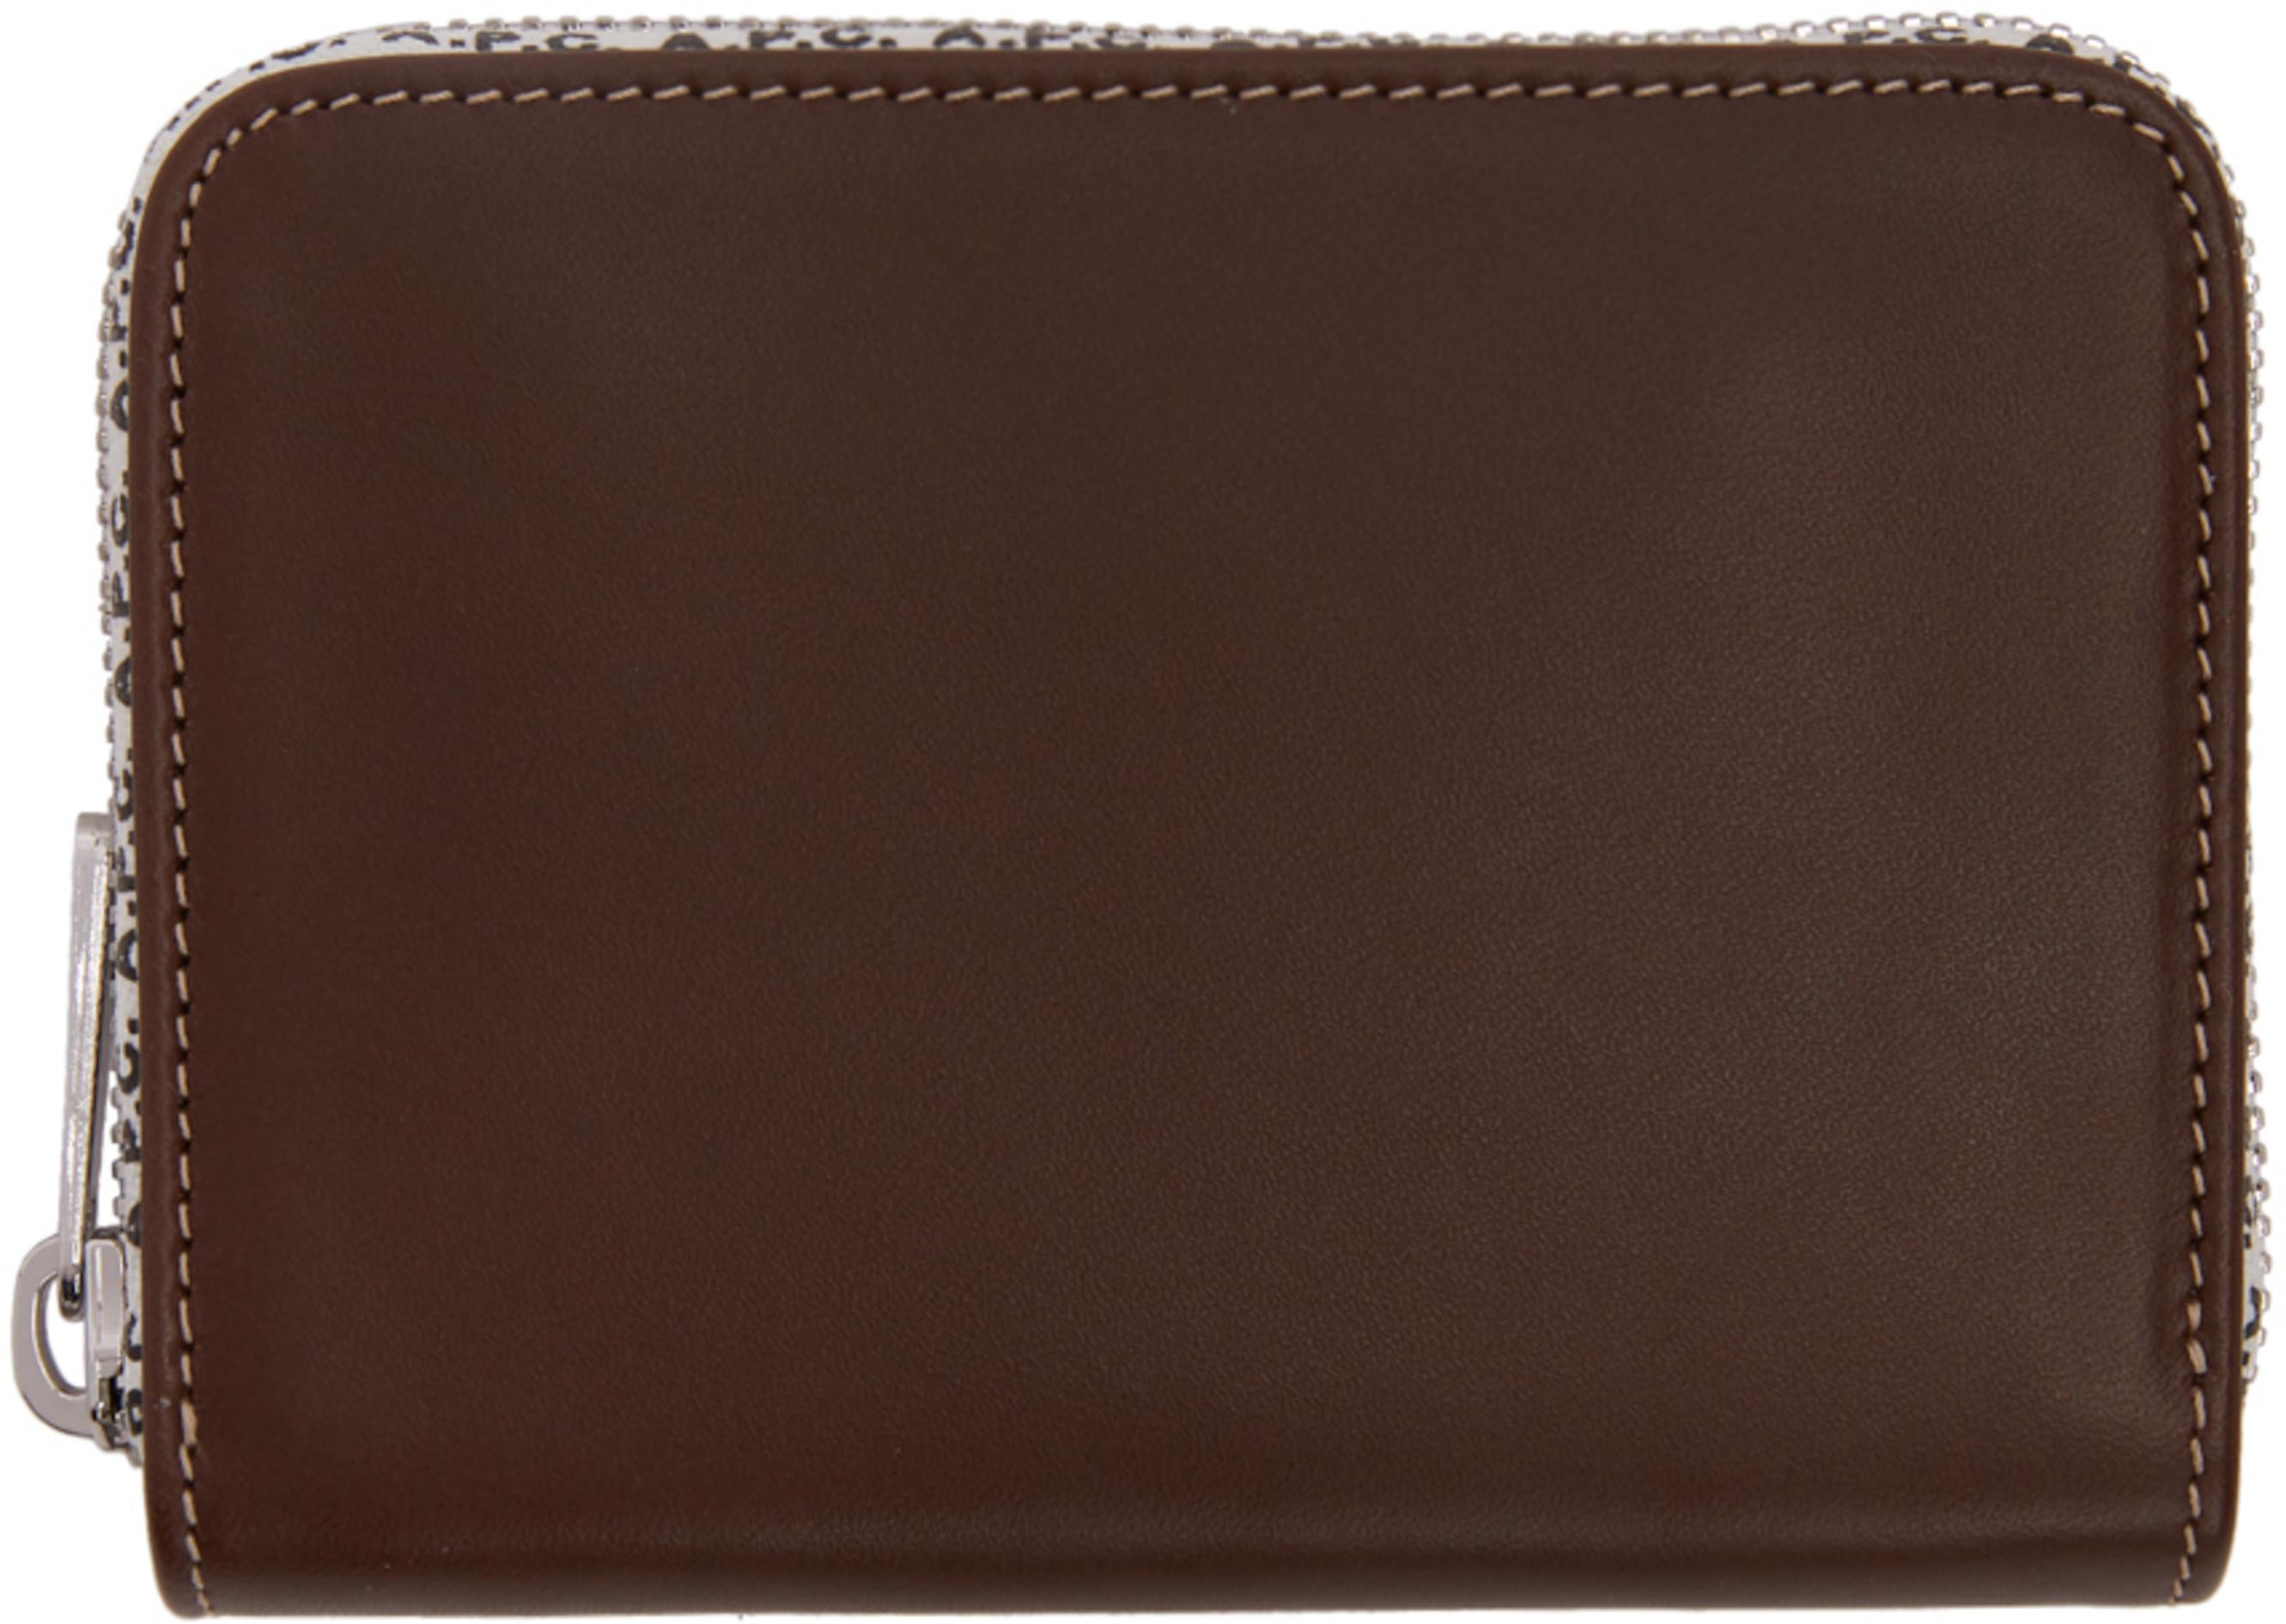 77e9d6826f8 Designer wallets for Men